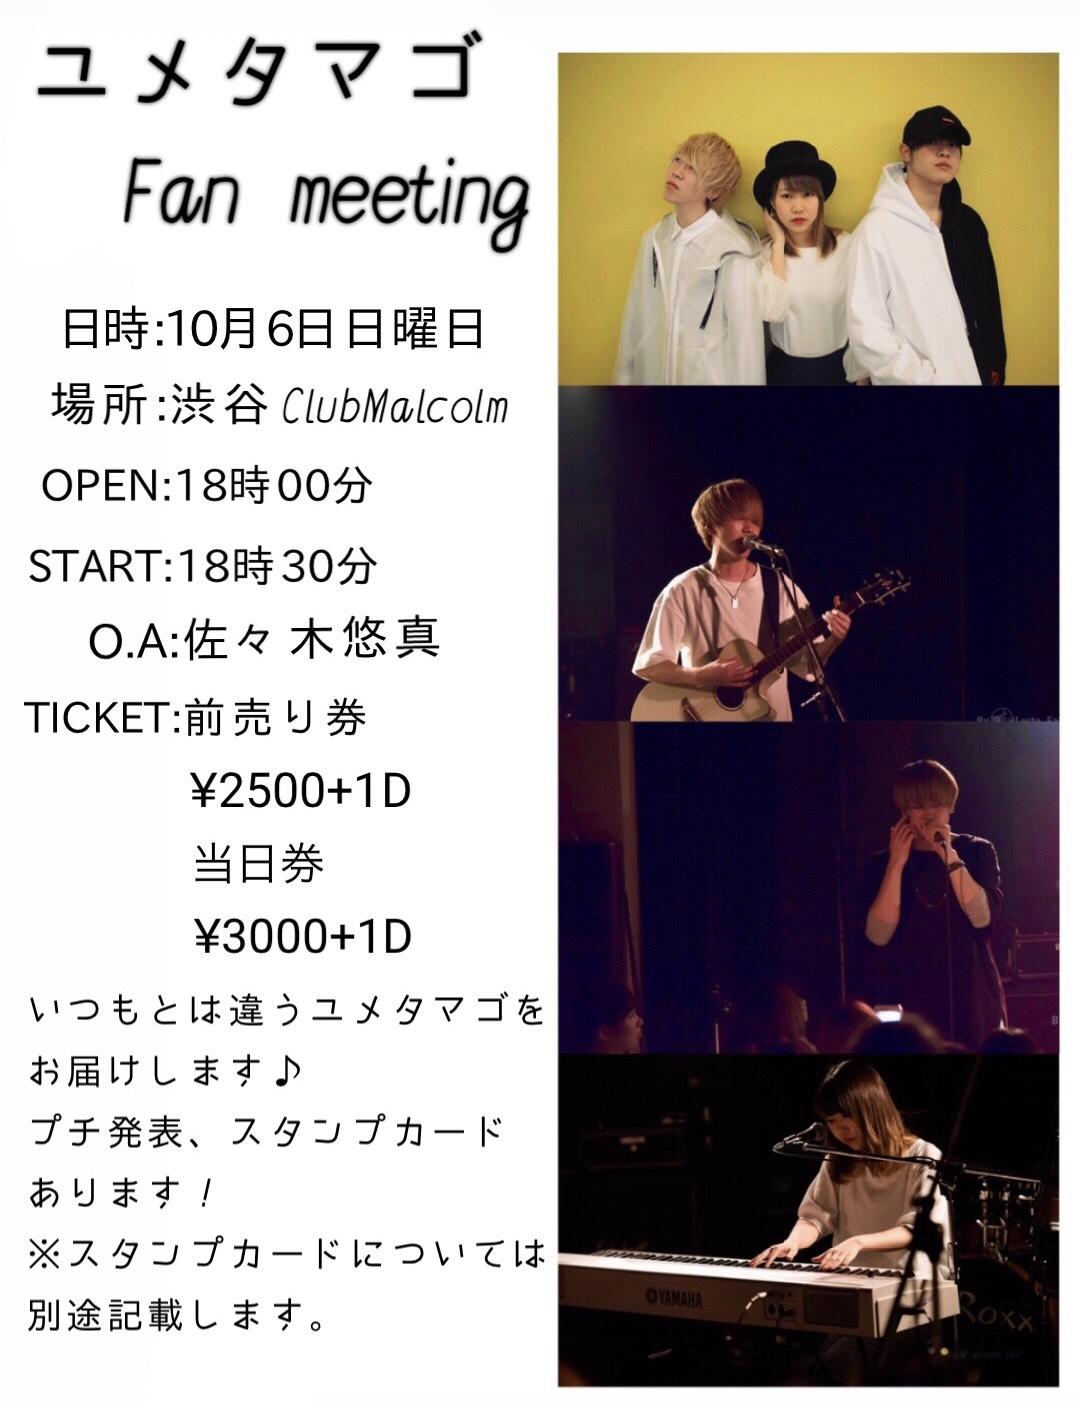 ユメタマゴ Fan meeting